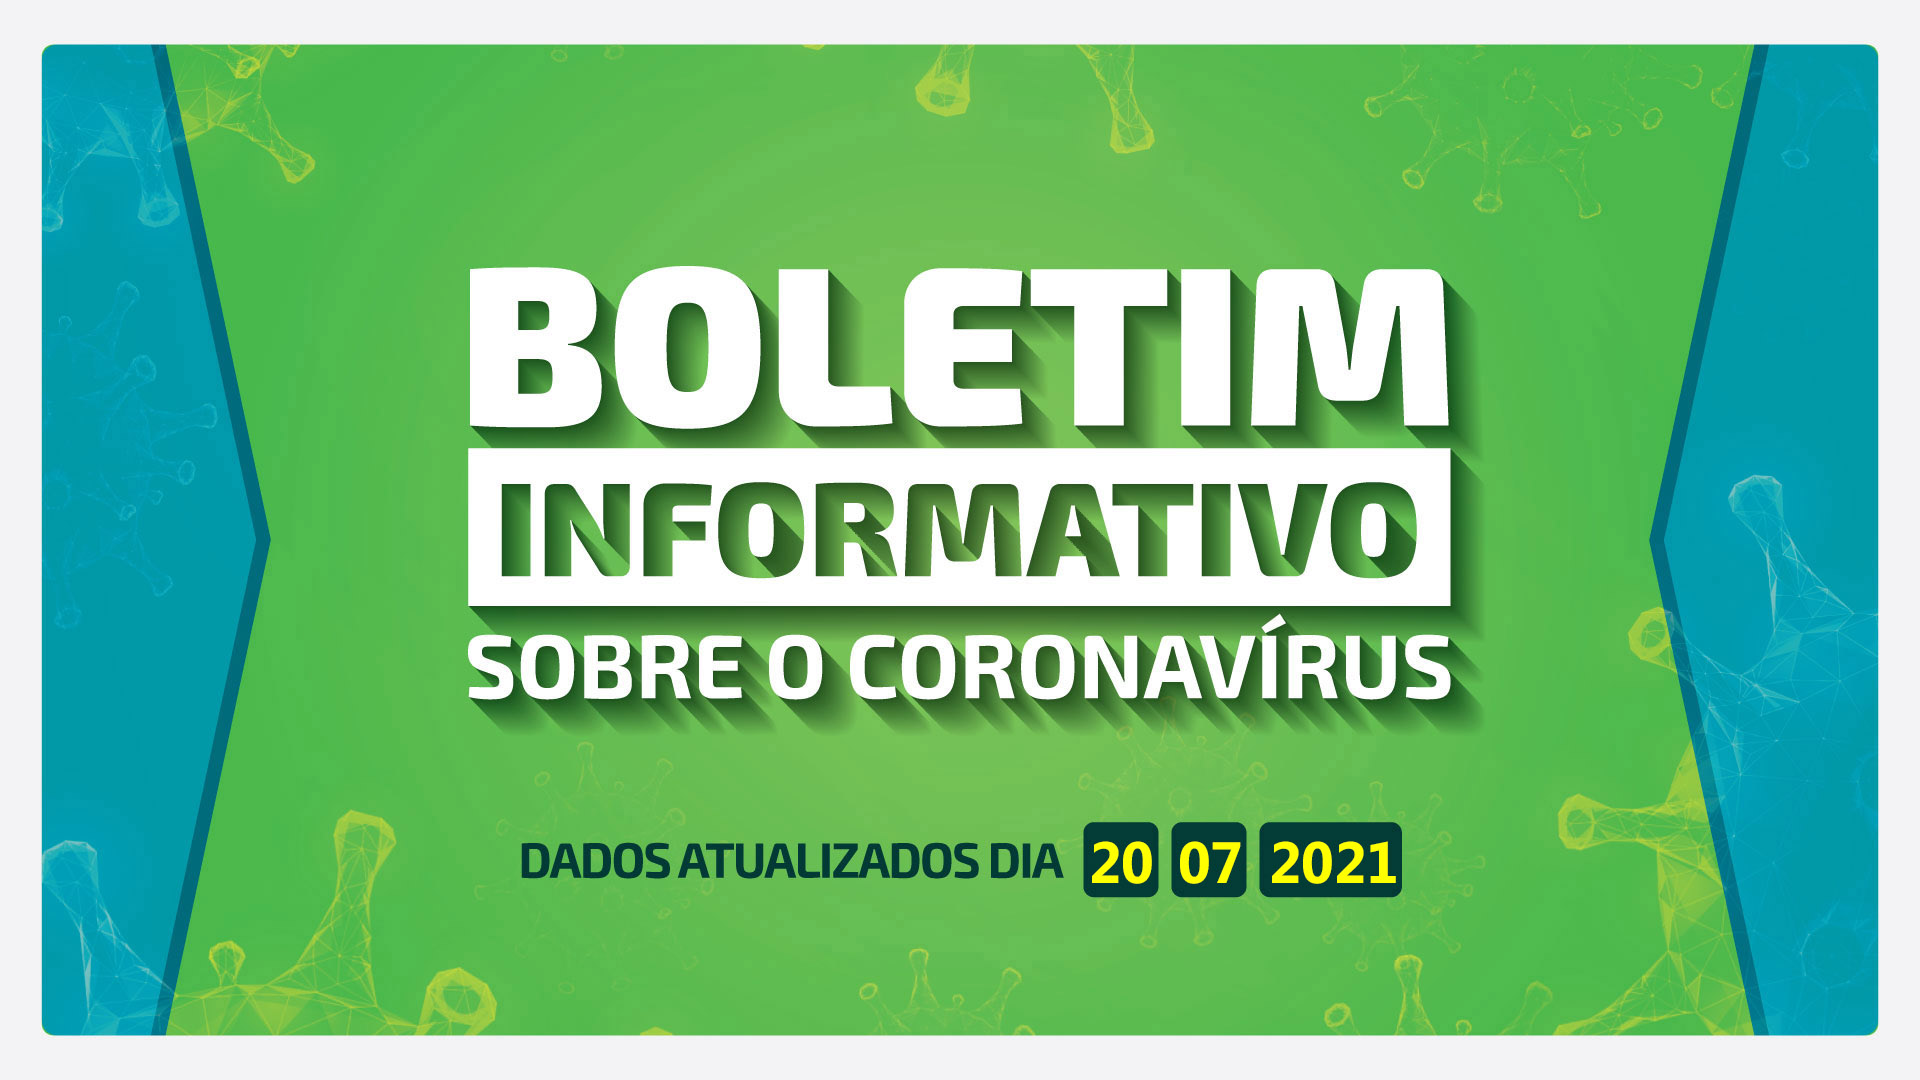 BOLETM DIÁRIO DA COVID-19 EM BARRA BONITA - 20 DE JULHO DE 2021